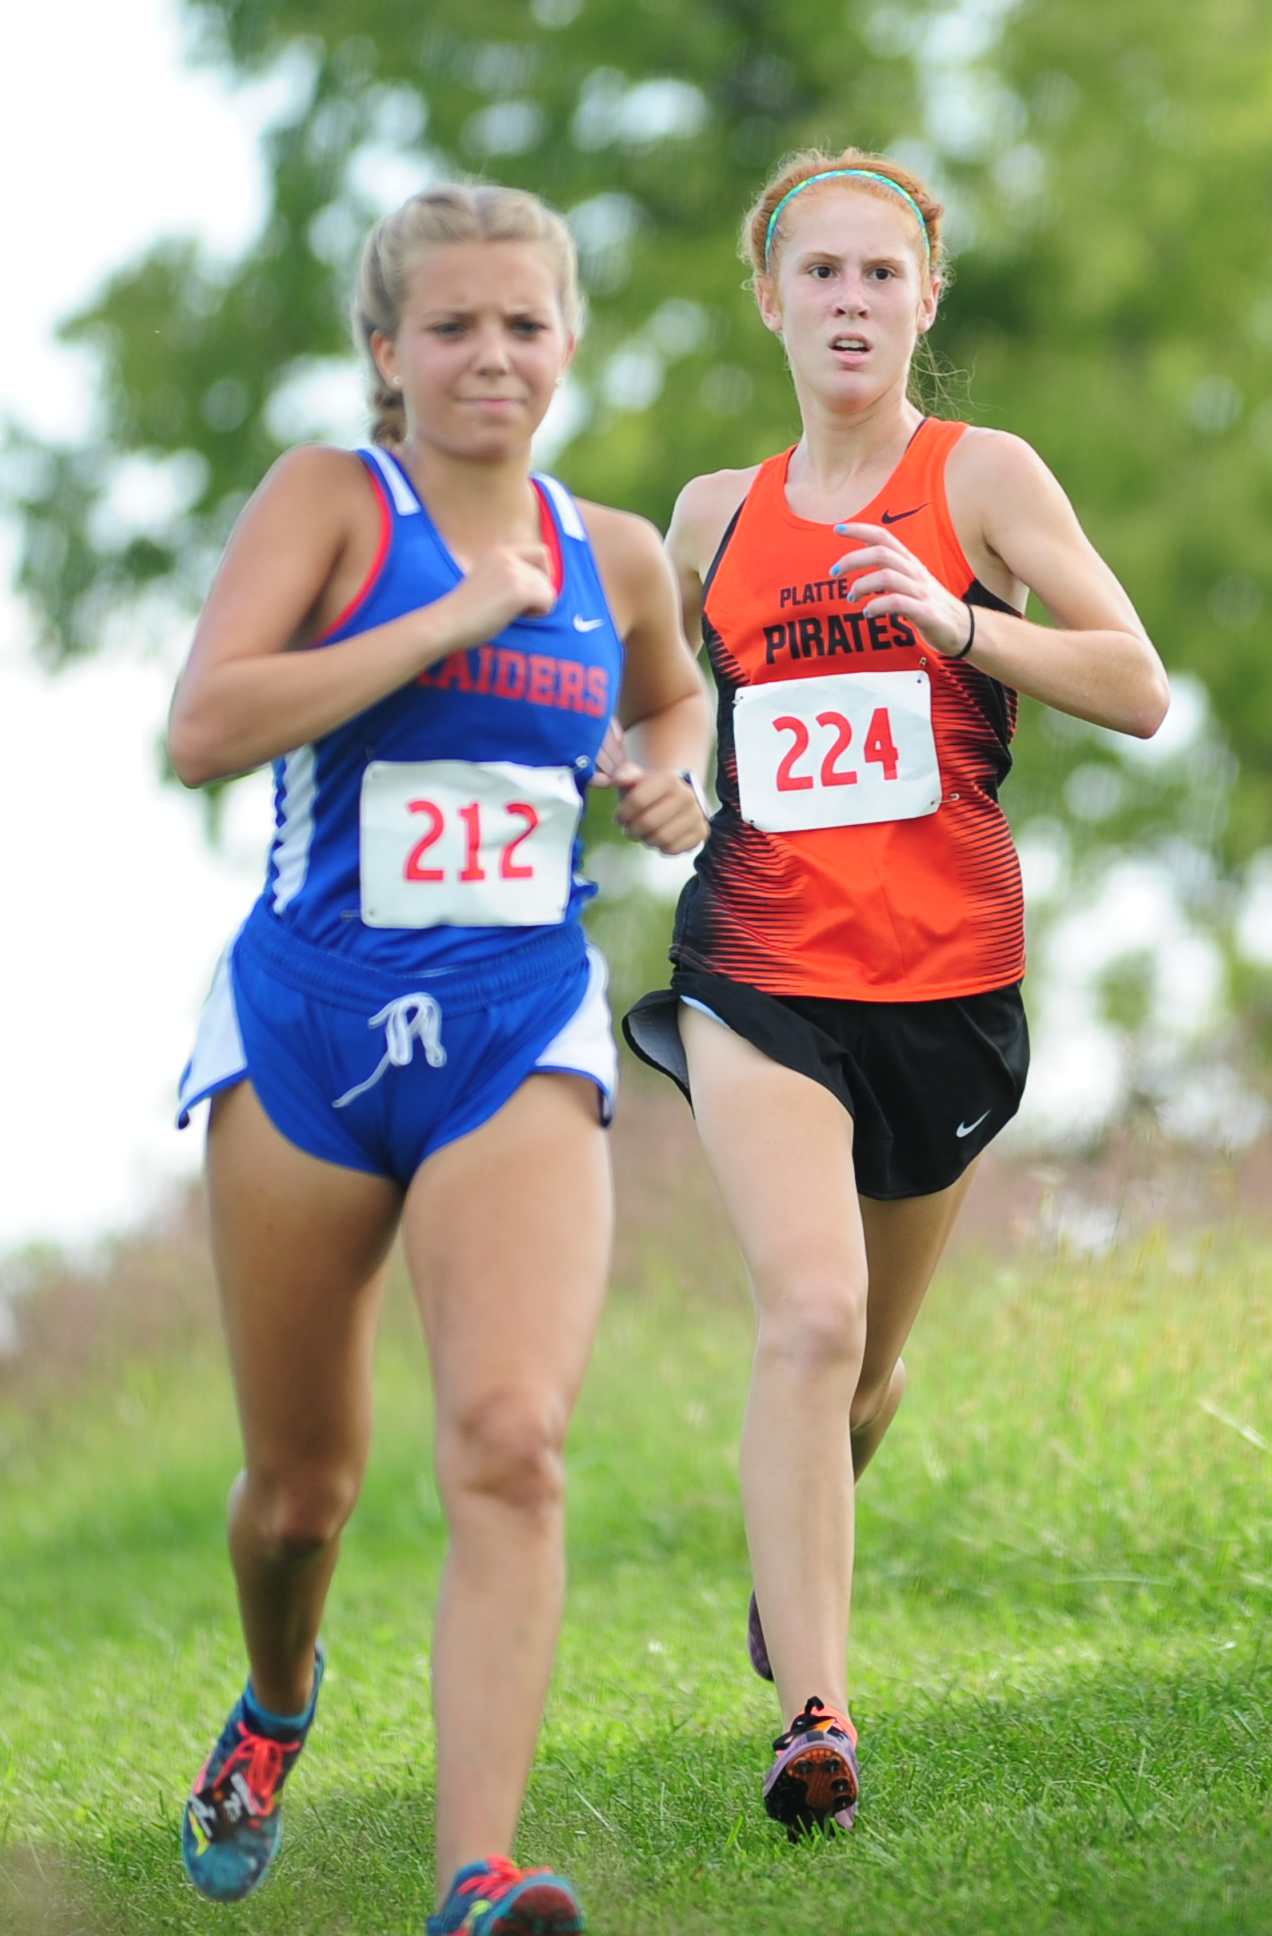 NICK INGRAM/Citizen photo Platte County junior Erin Straubel (224) works to pass a runner.